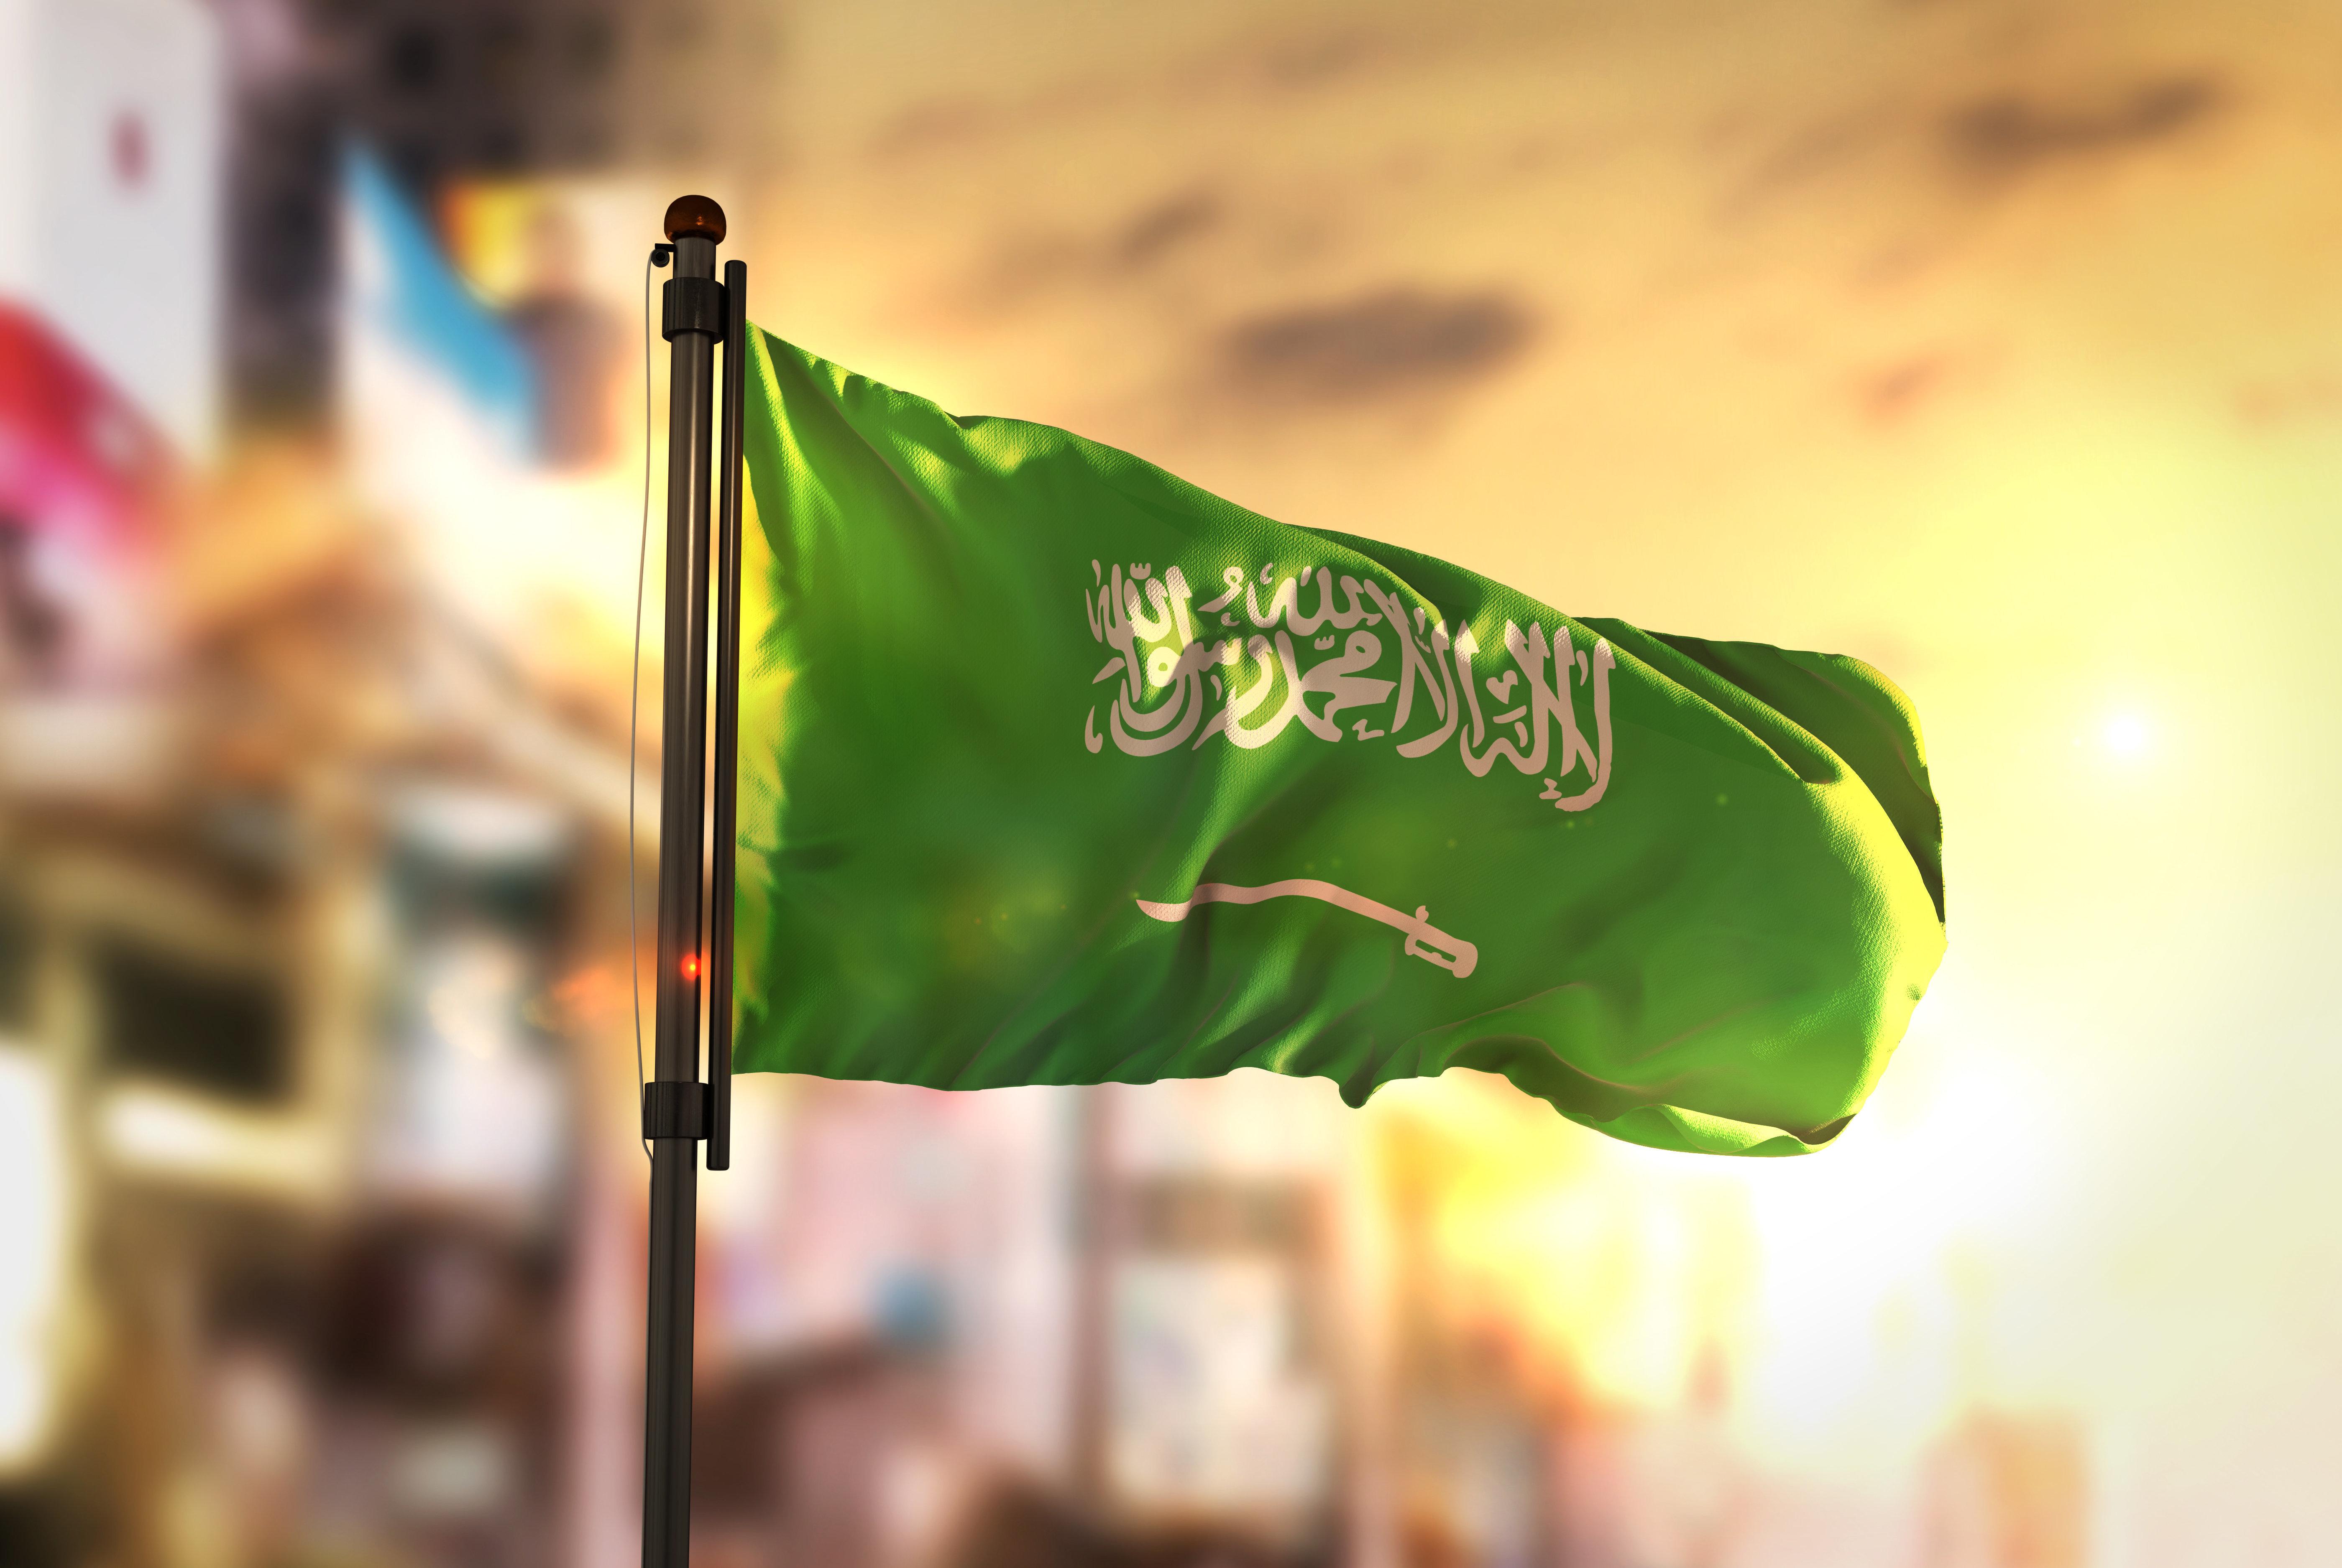 사우디가 처음으로 여성운동가를 참수할지도